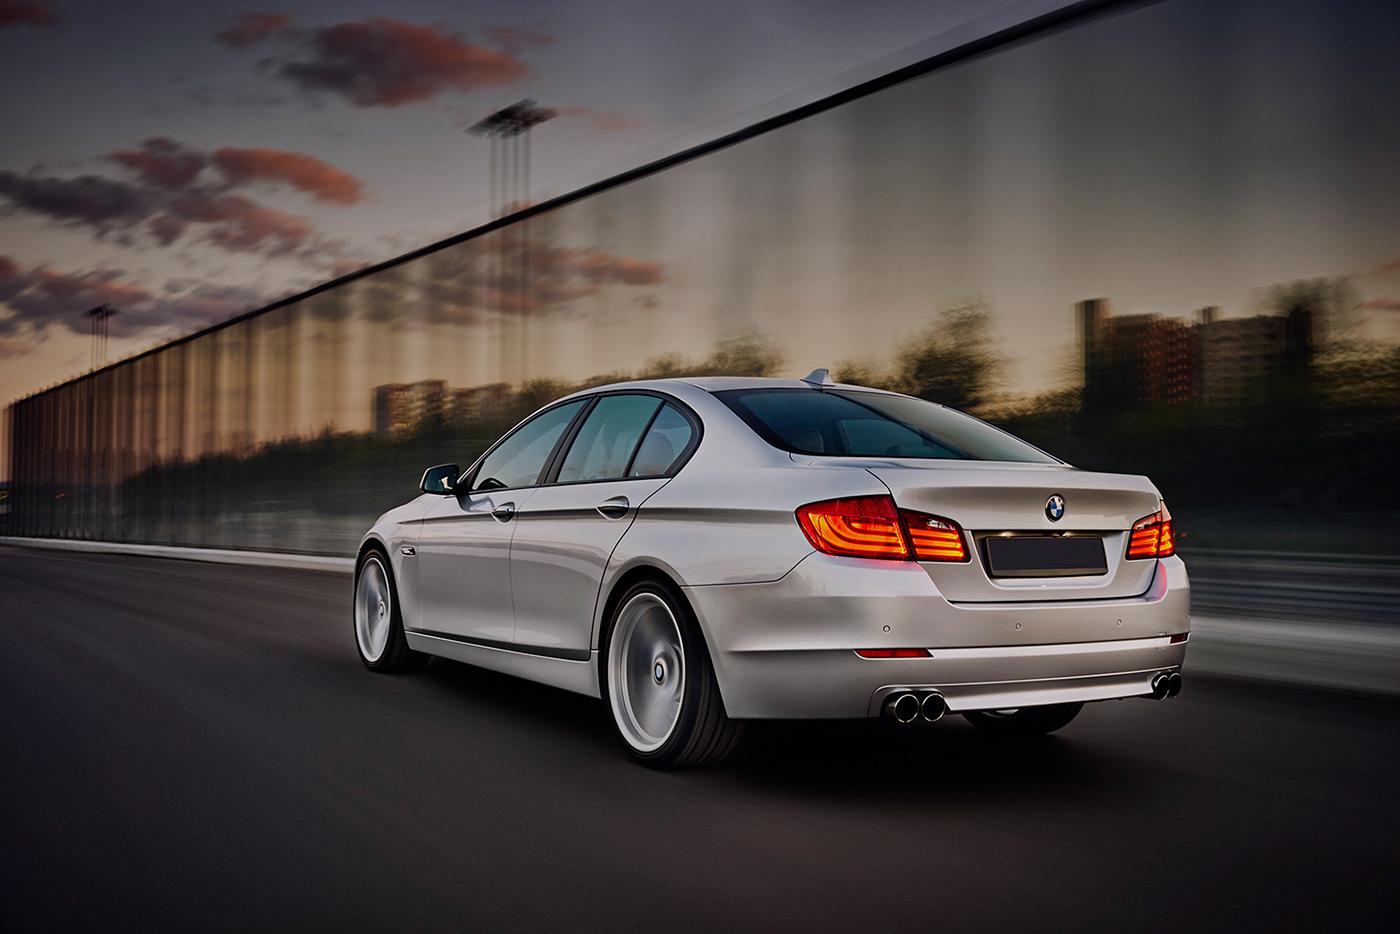 dmitry zhuravlev Photography  automotive   BMW f10